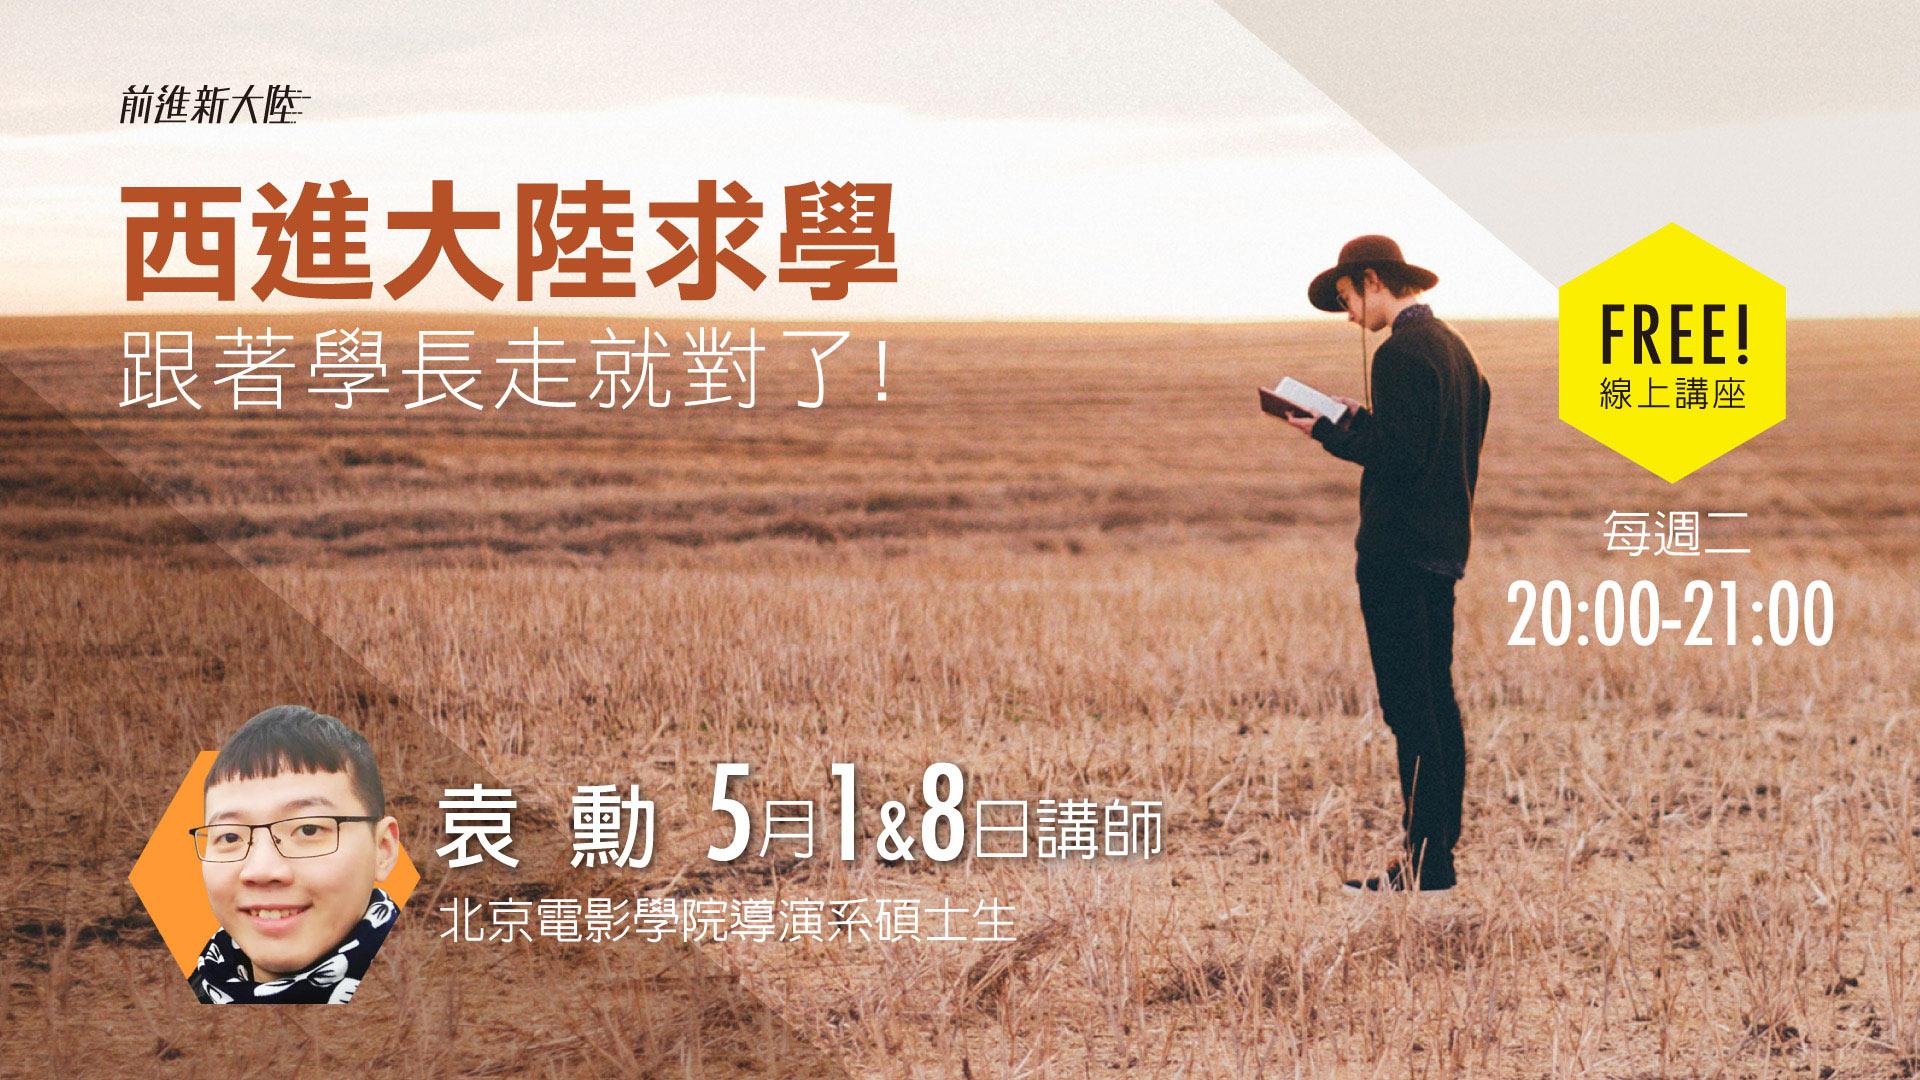 西進中國大陸求學│北京電影學院 part 2.